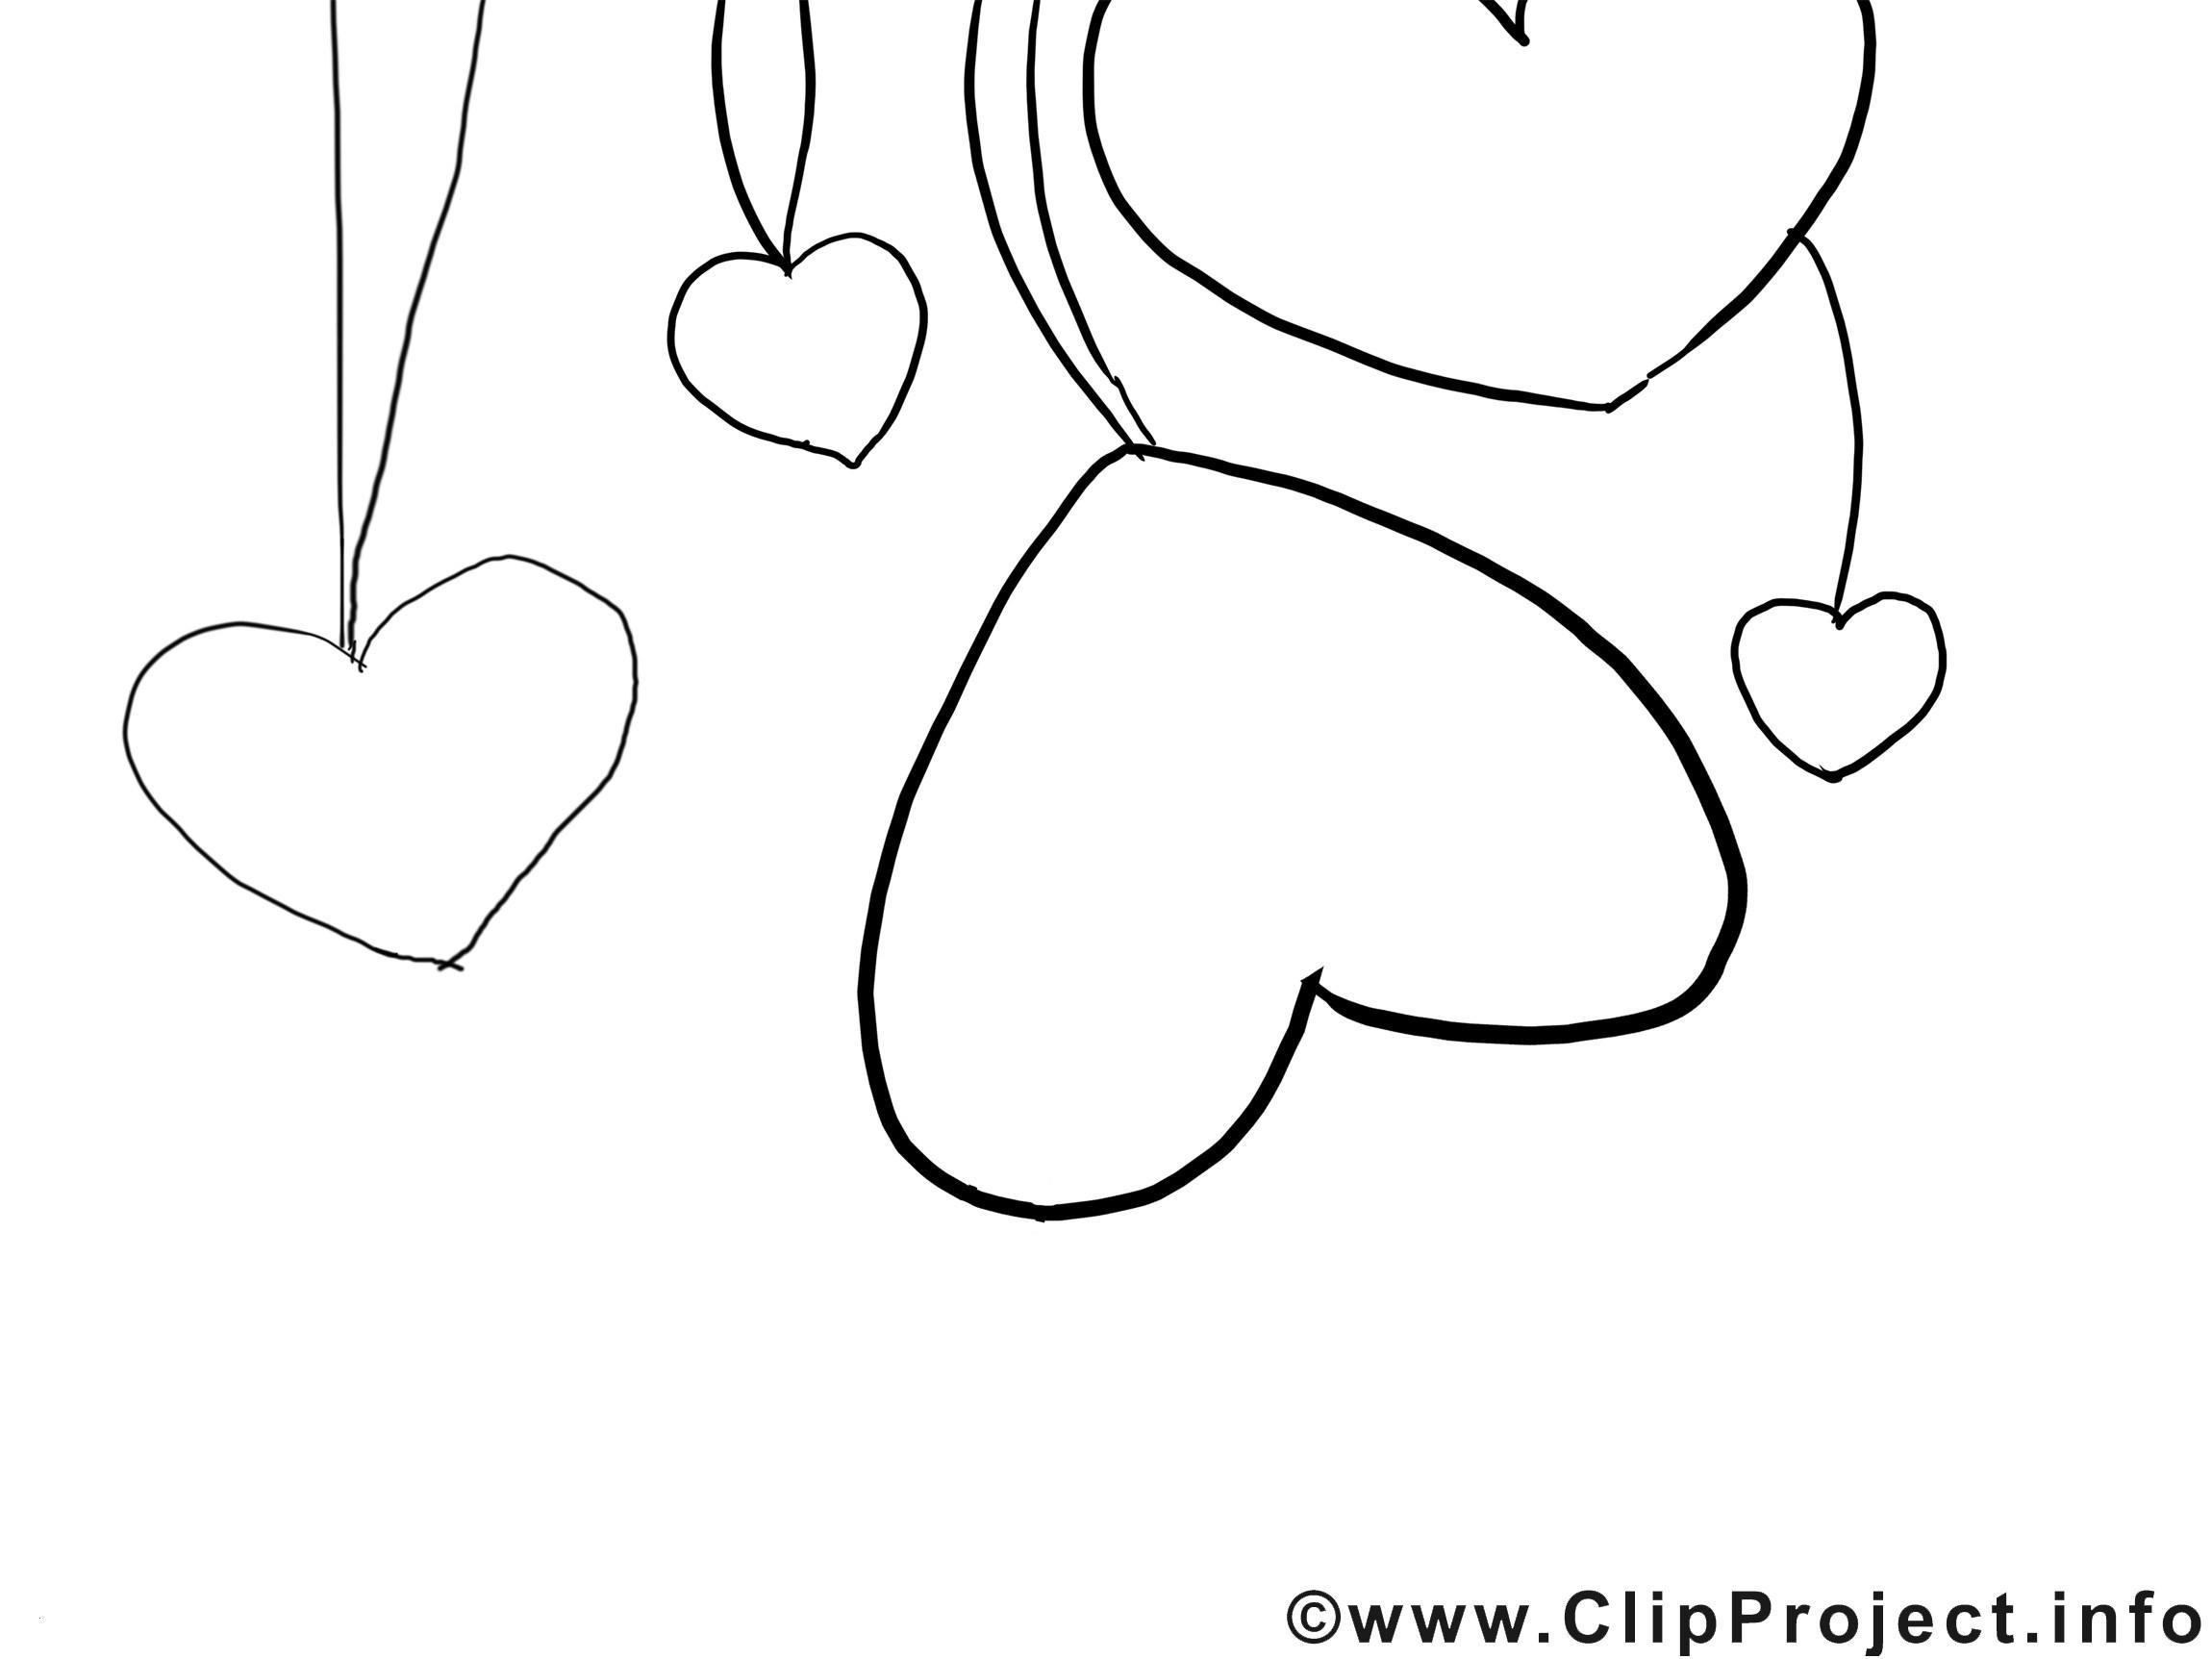 Herz Zum Ausmalen Frisch Valentinstag Malvorlagen Frisch Bienchen Mit Herz Bilder Zum Frisch Bilder